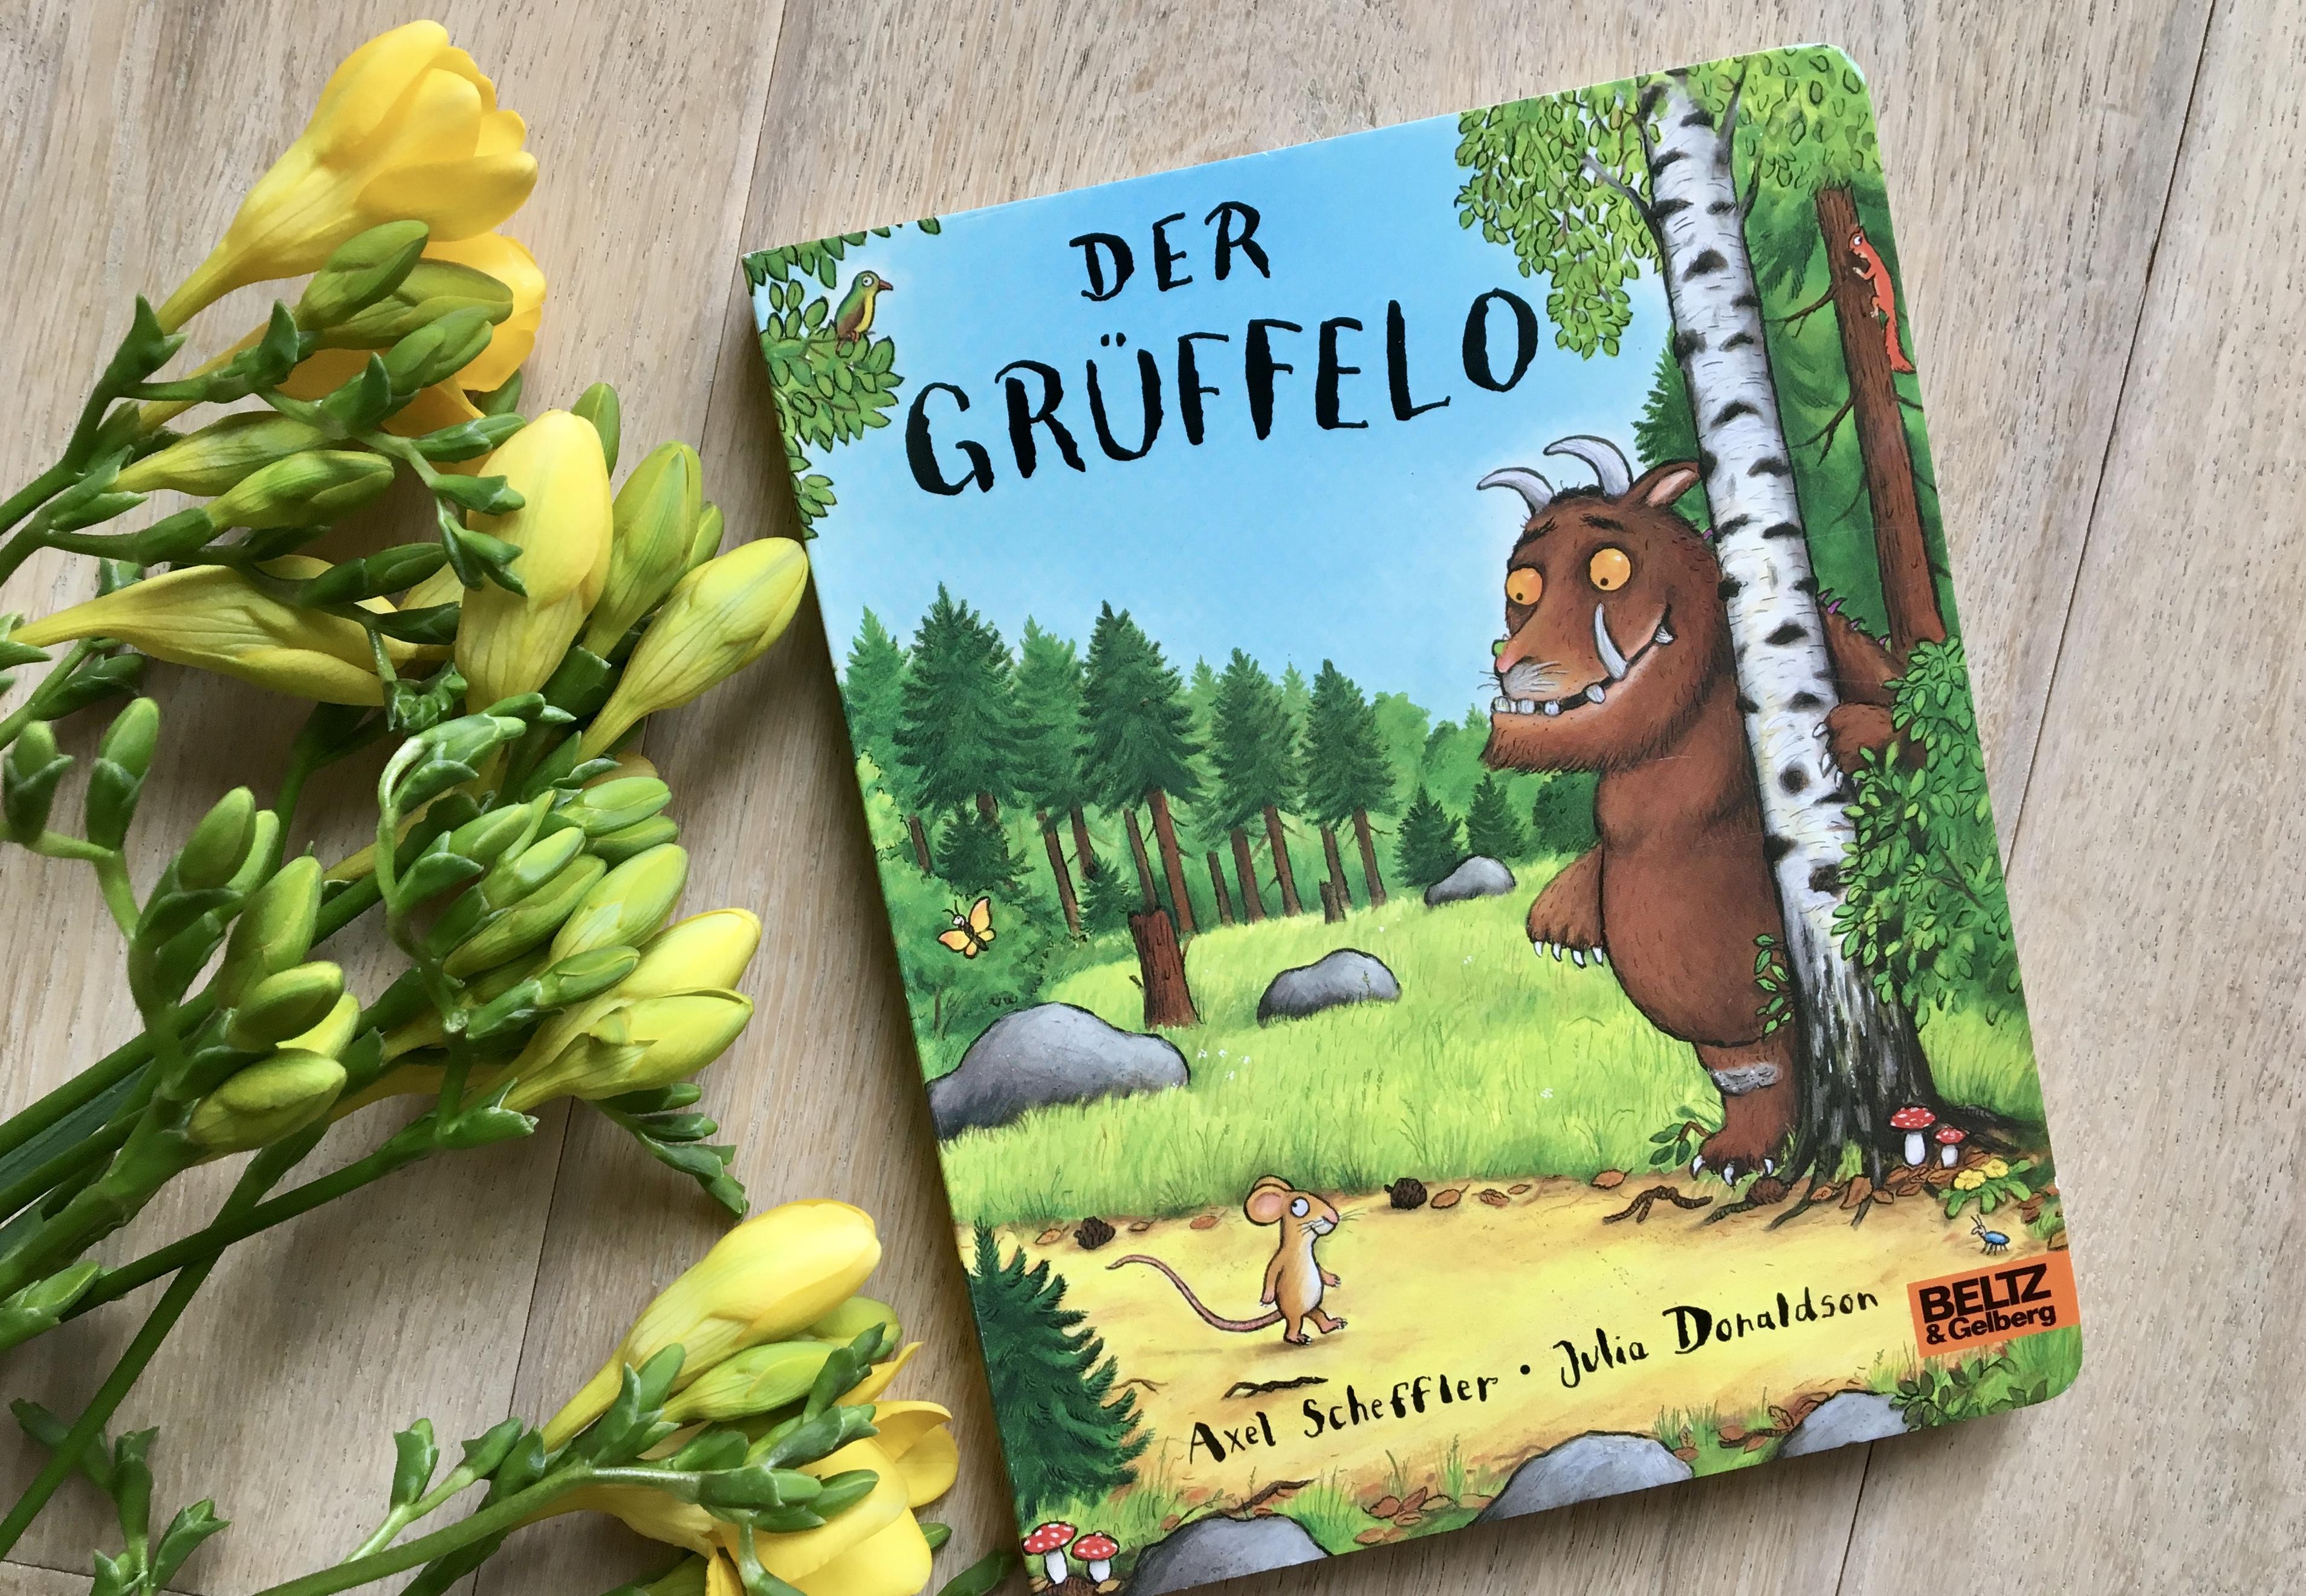 Der Grüffelo von Axel Scheffler (Text) und Julia Donaldson (Illustration)